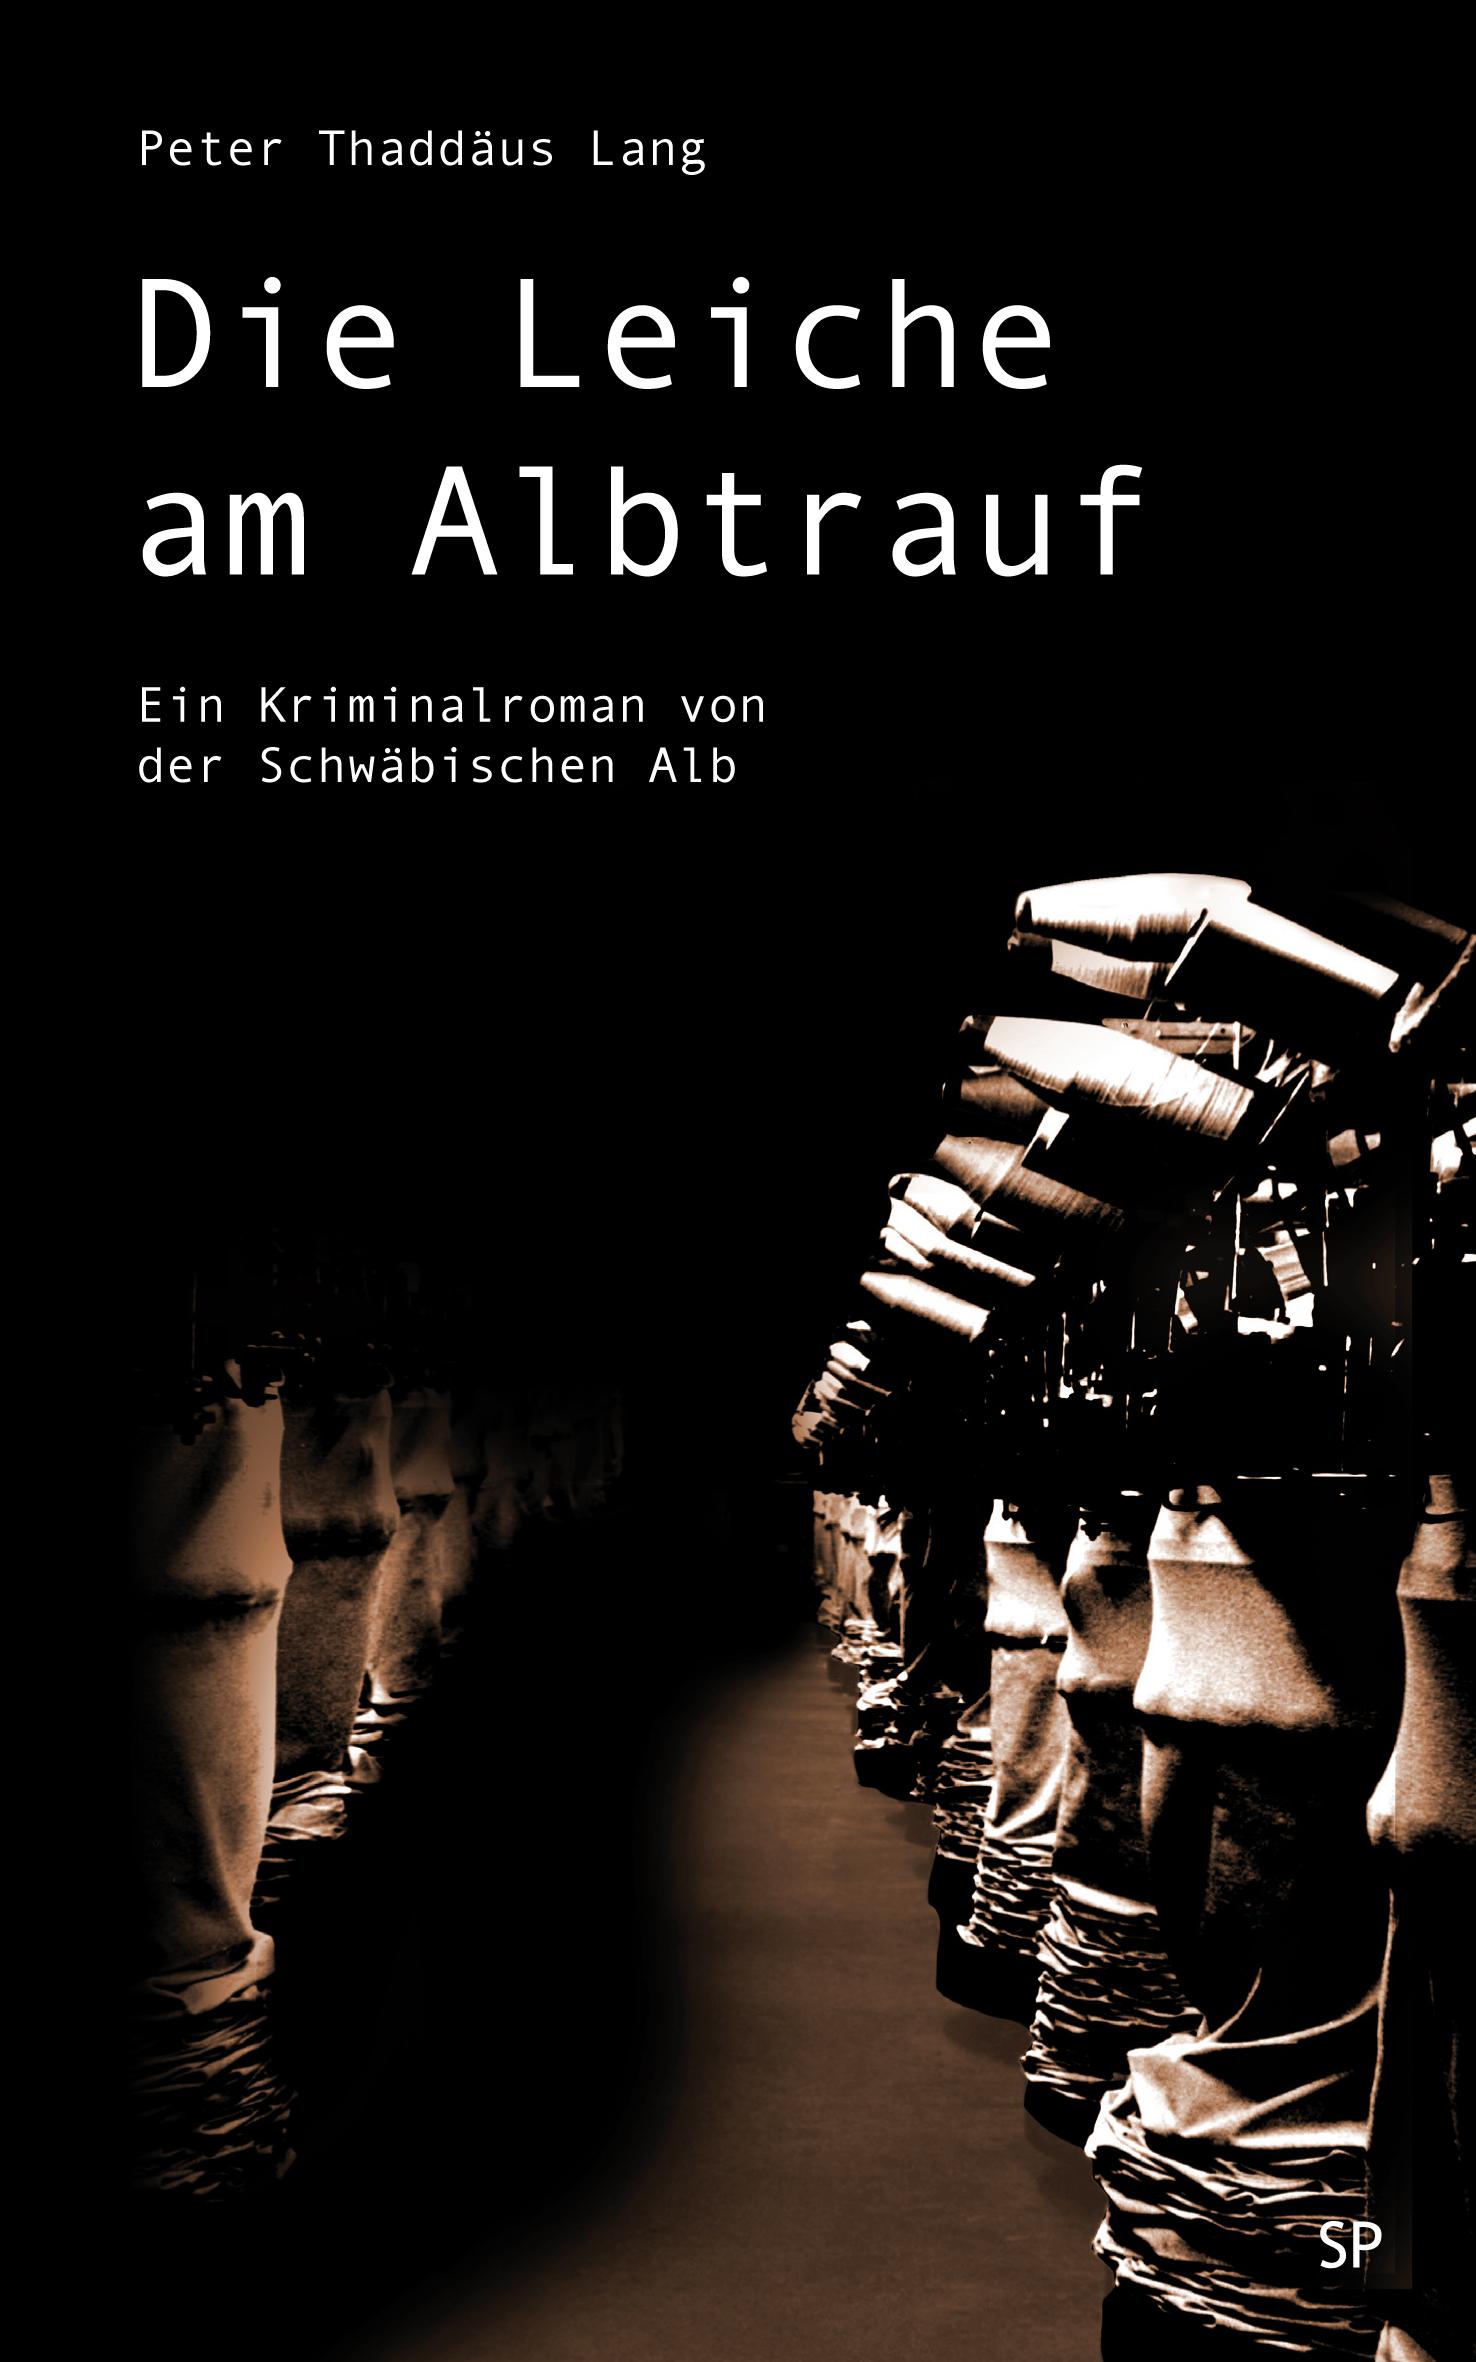 Die Leiche am Albtrauf - Peter Thaddäus Lang